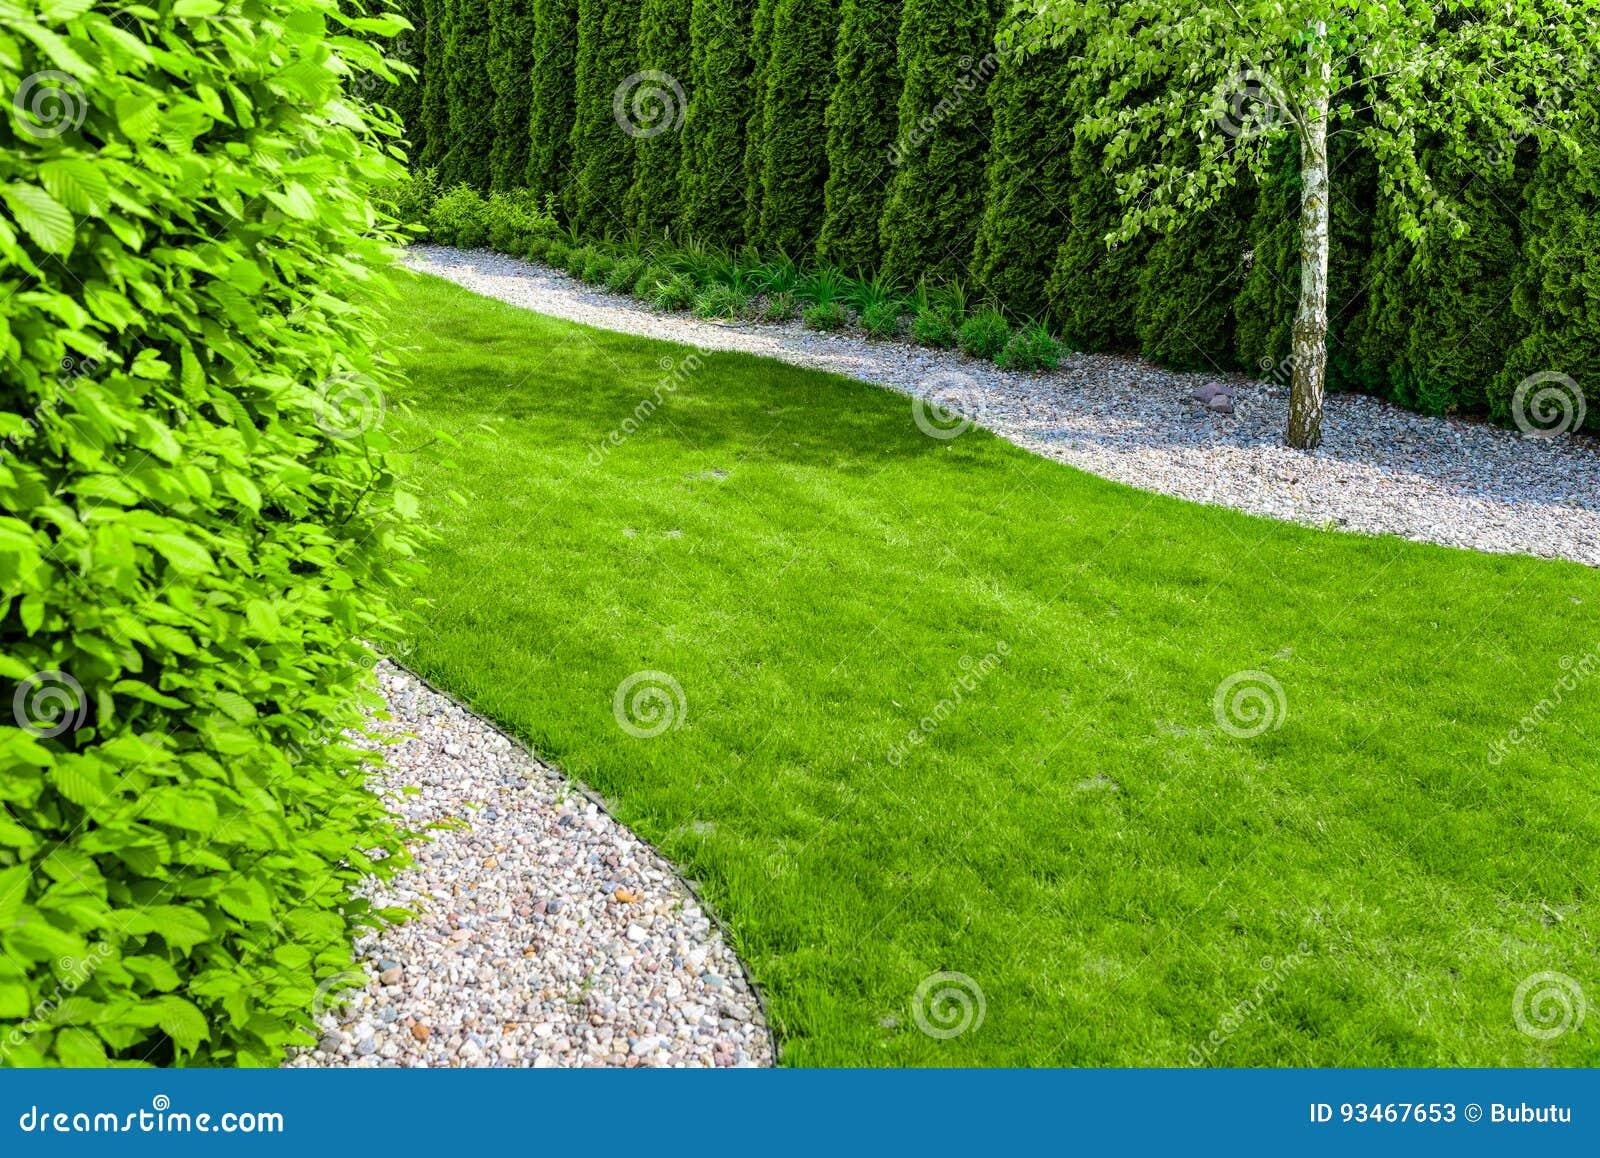 Jardin Formel Avec Un Chemin De Petites Pierres, De Bordure ...